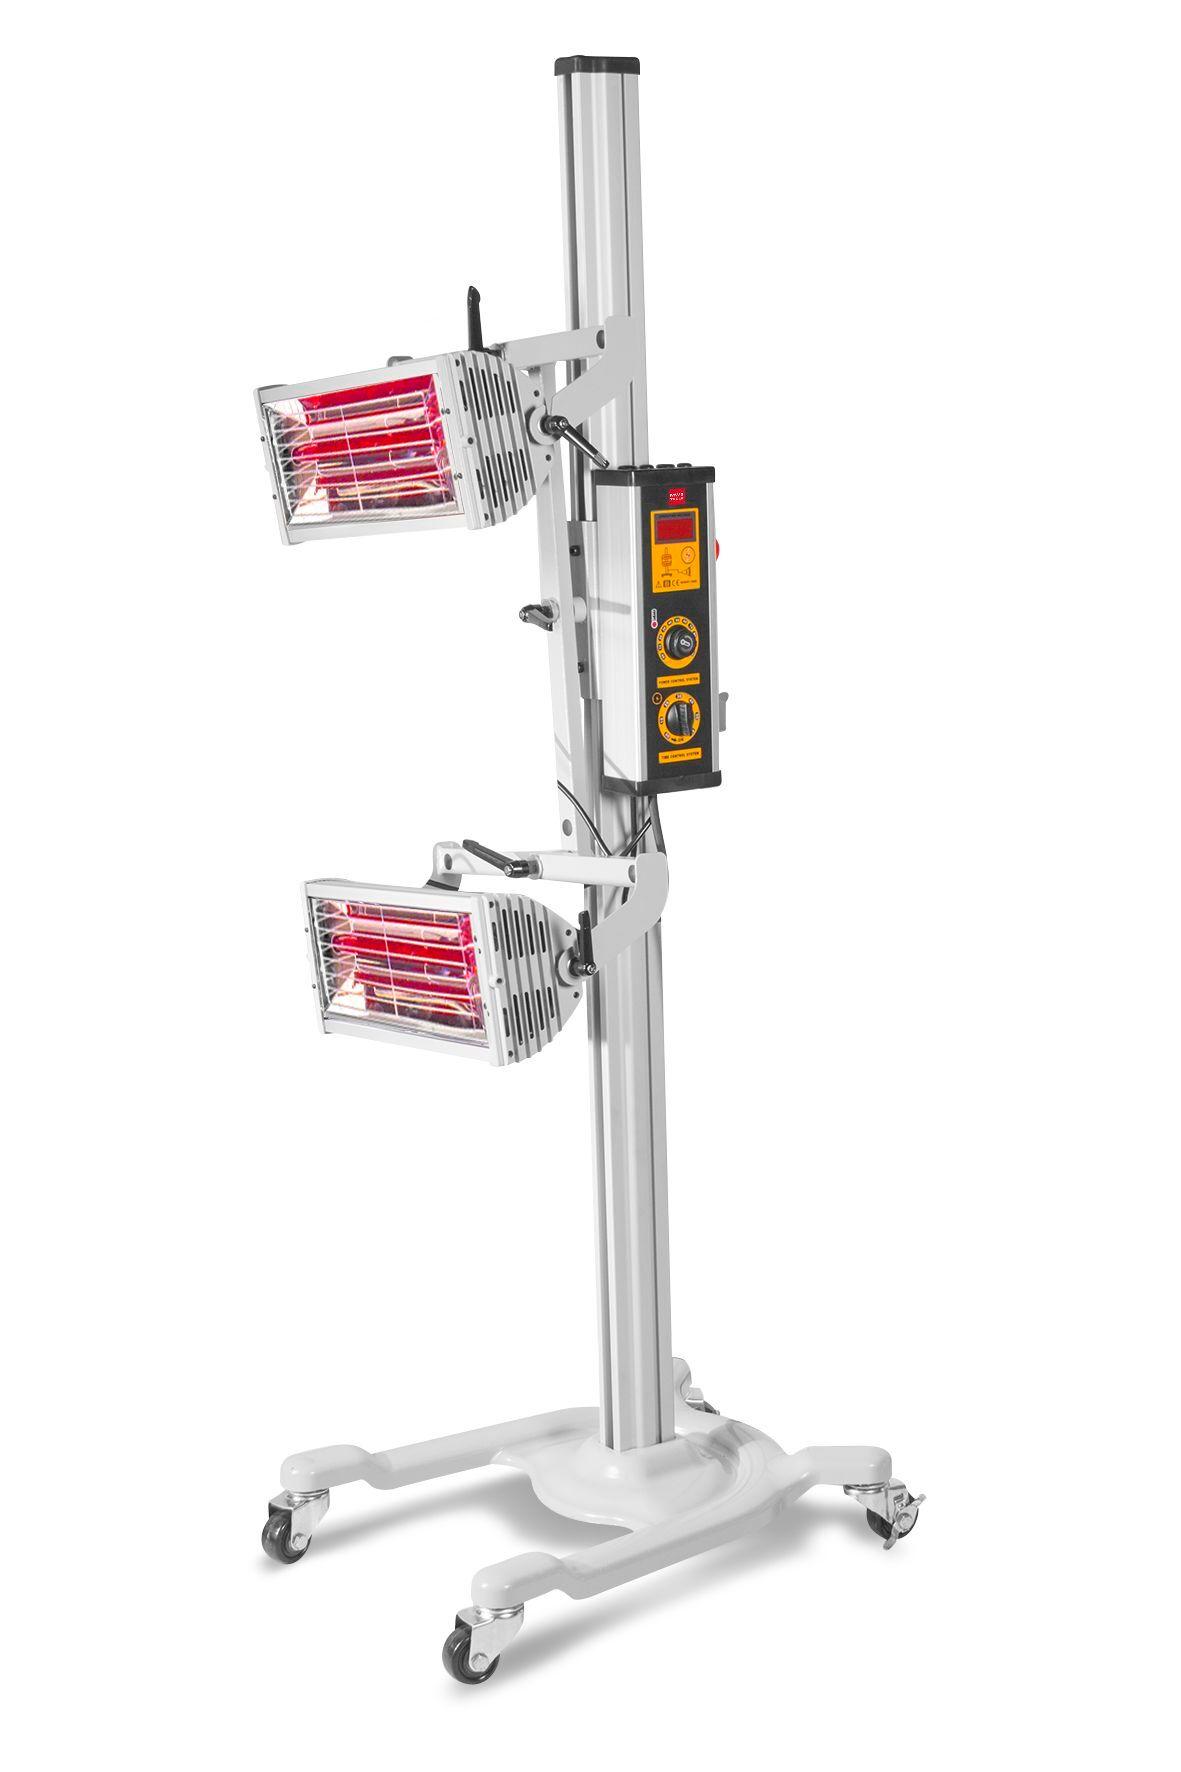 Mw-tools Sécheur de peinture infrarouge professionnel mobile 2000 W MW-Tools LD2